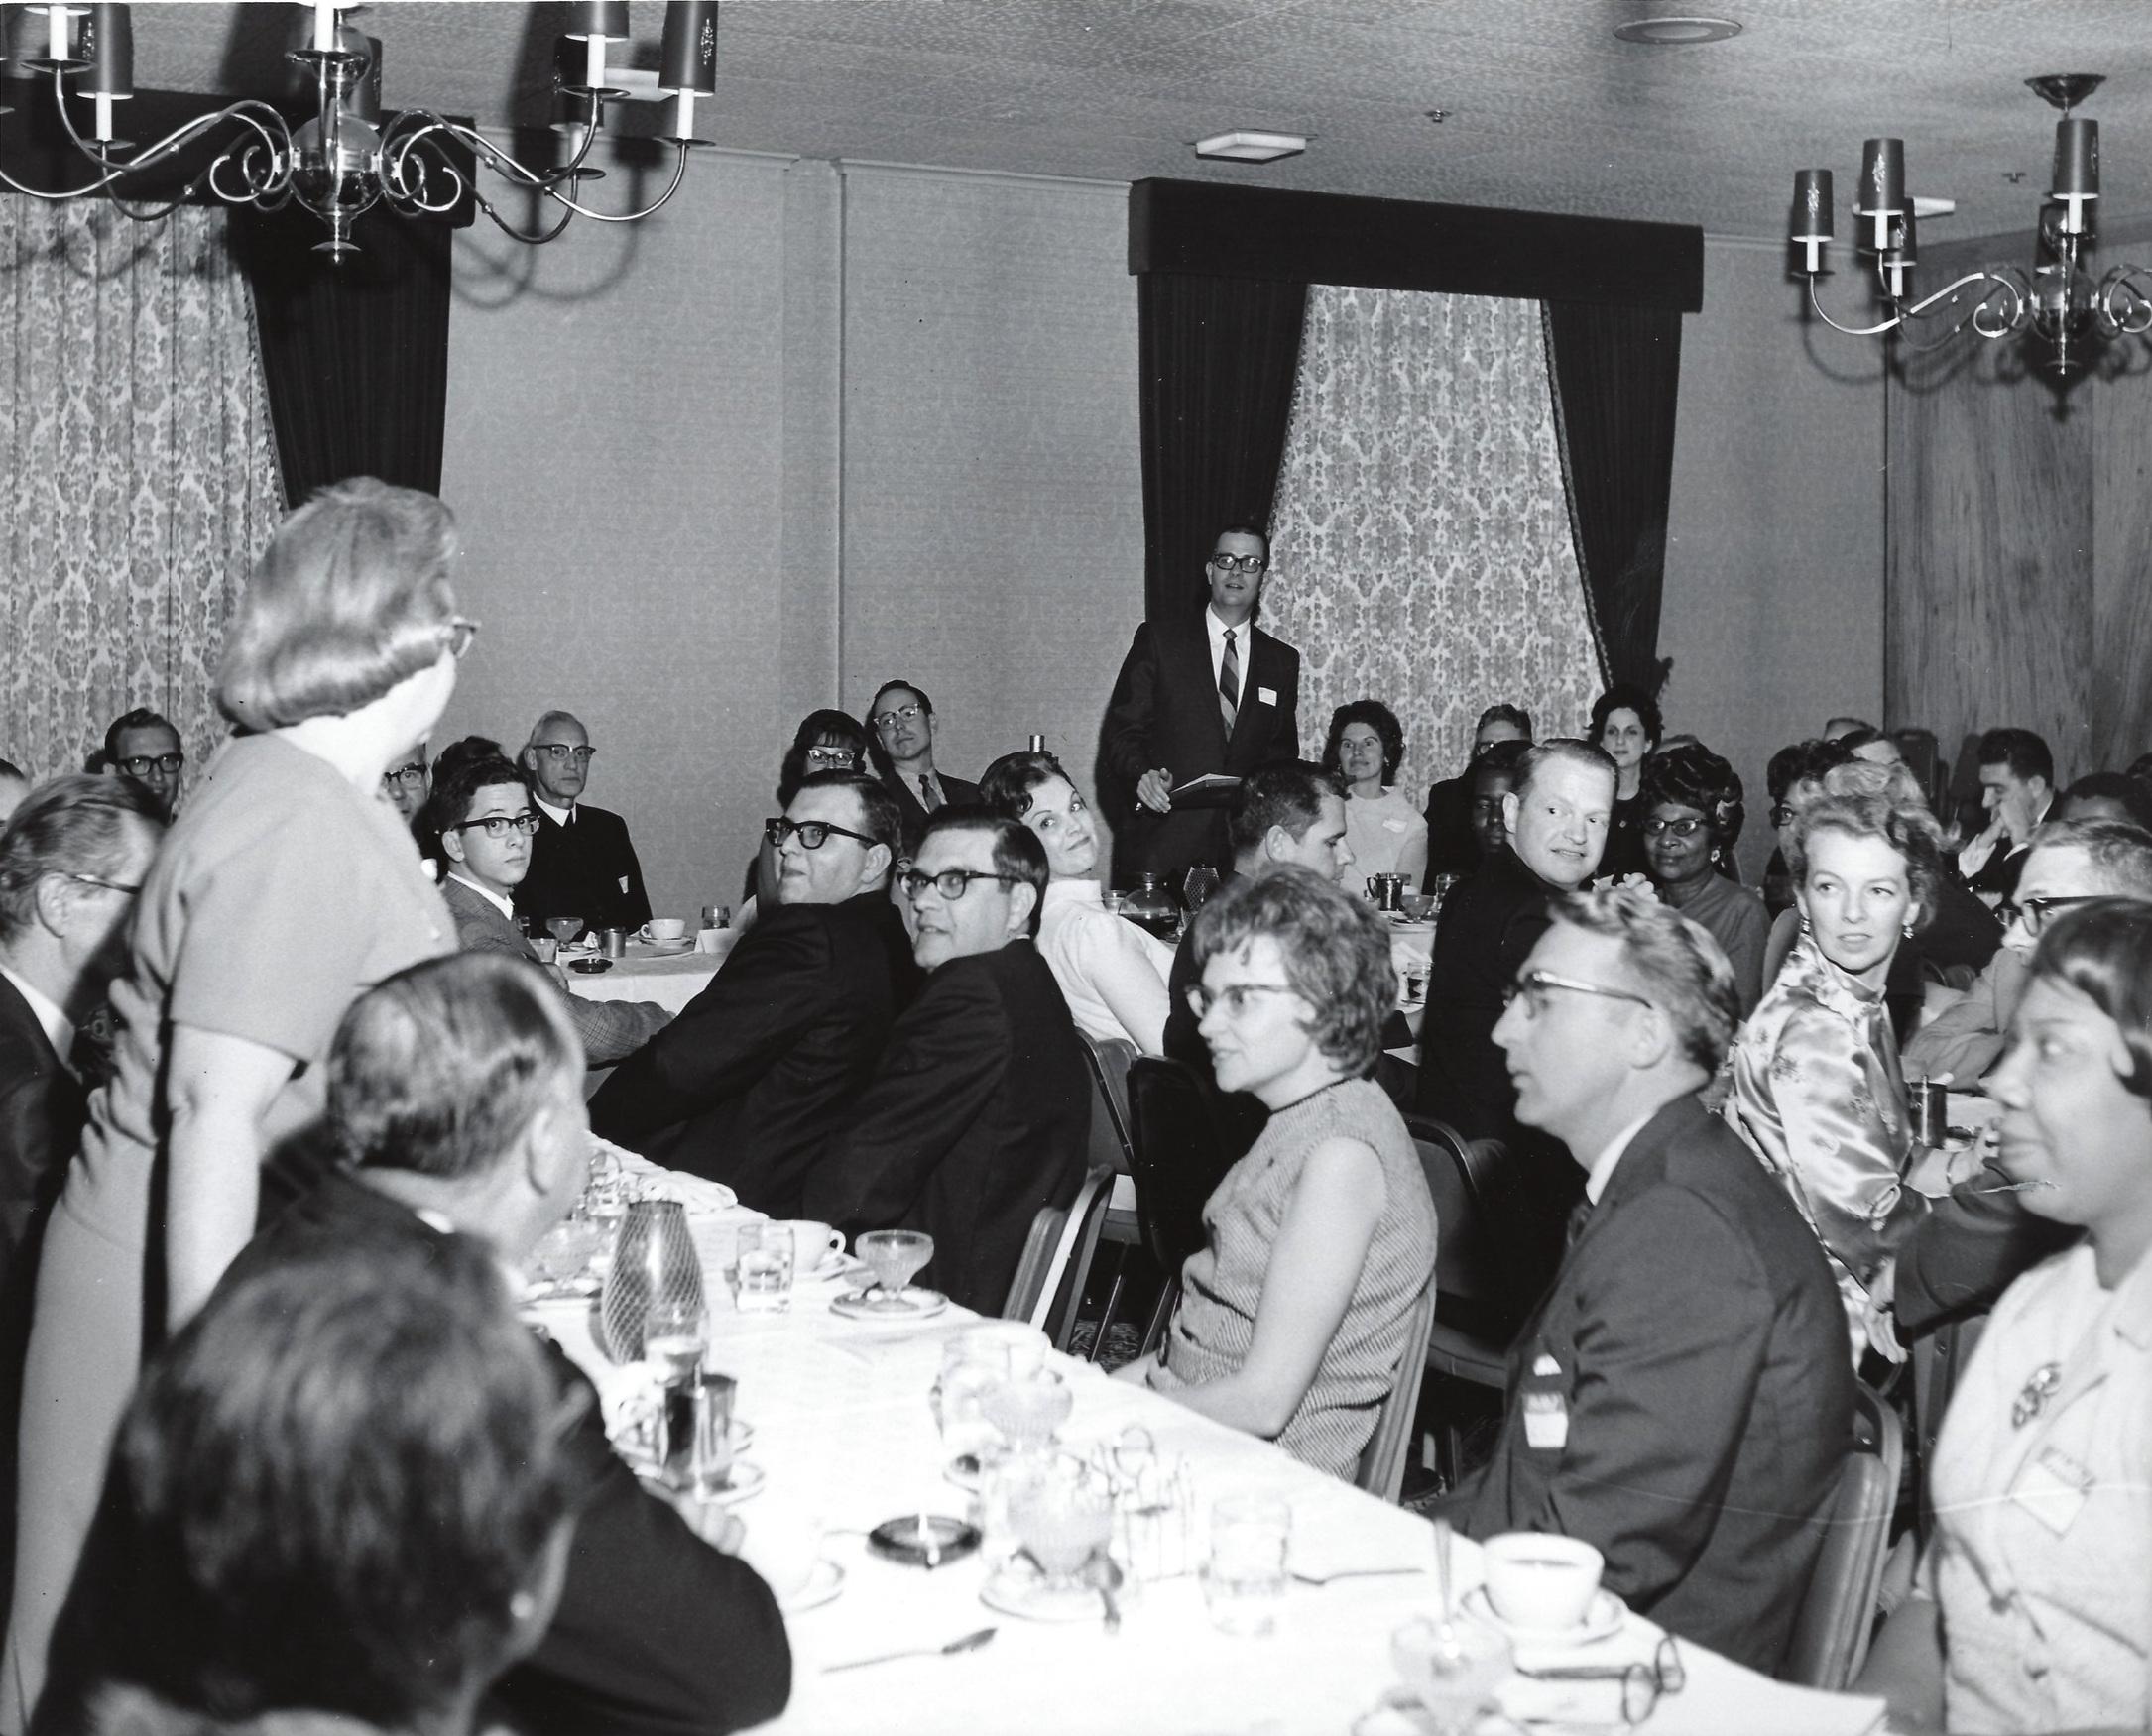 clergy+dinner+photo+2.jpg